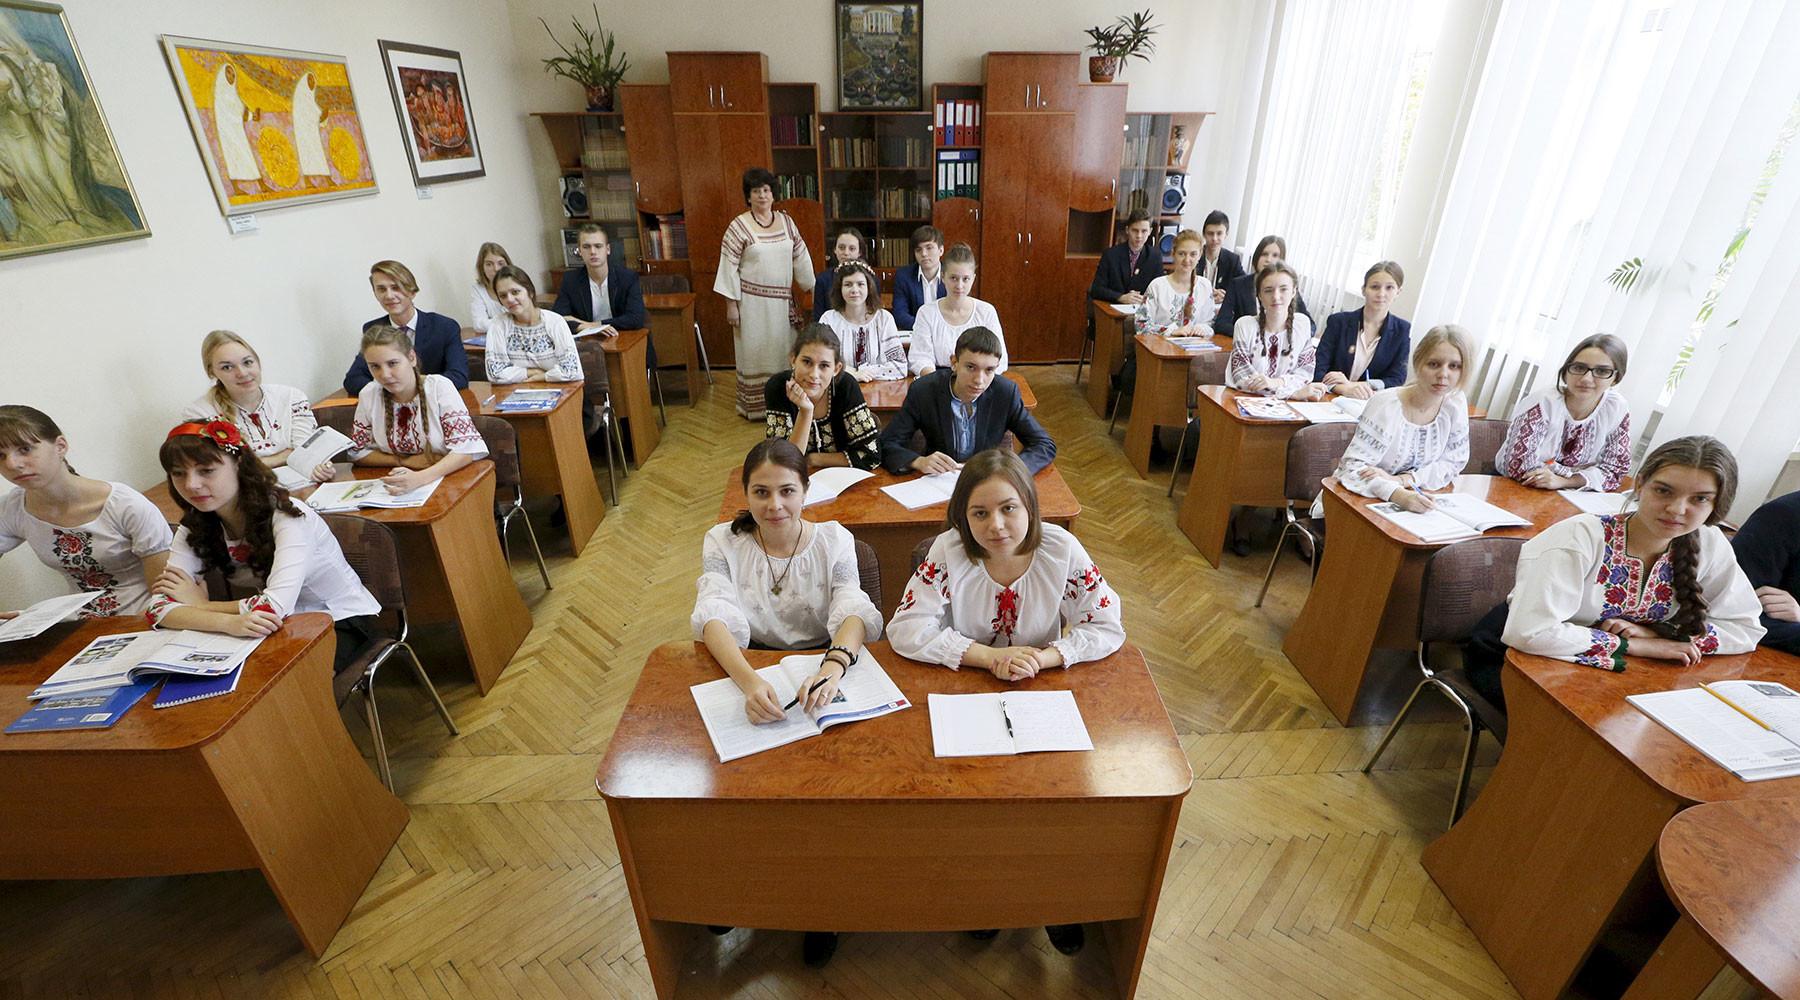 За 6 лет численность школьников, обучающихся на русском языке на Украине, сократилась вдвое